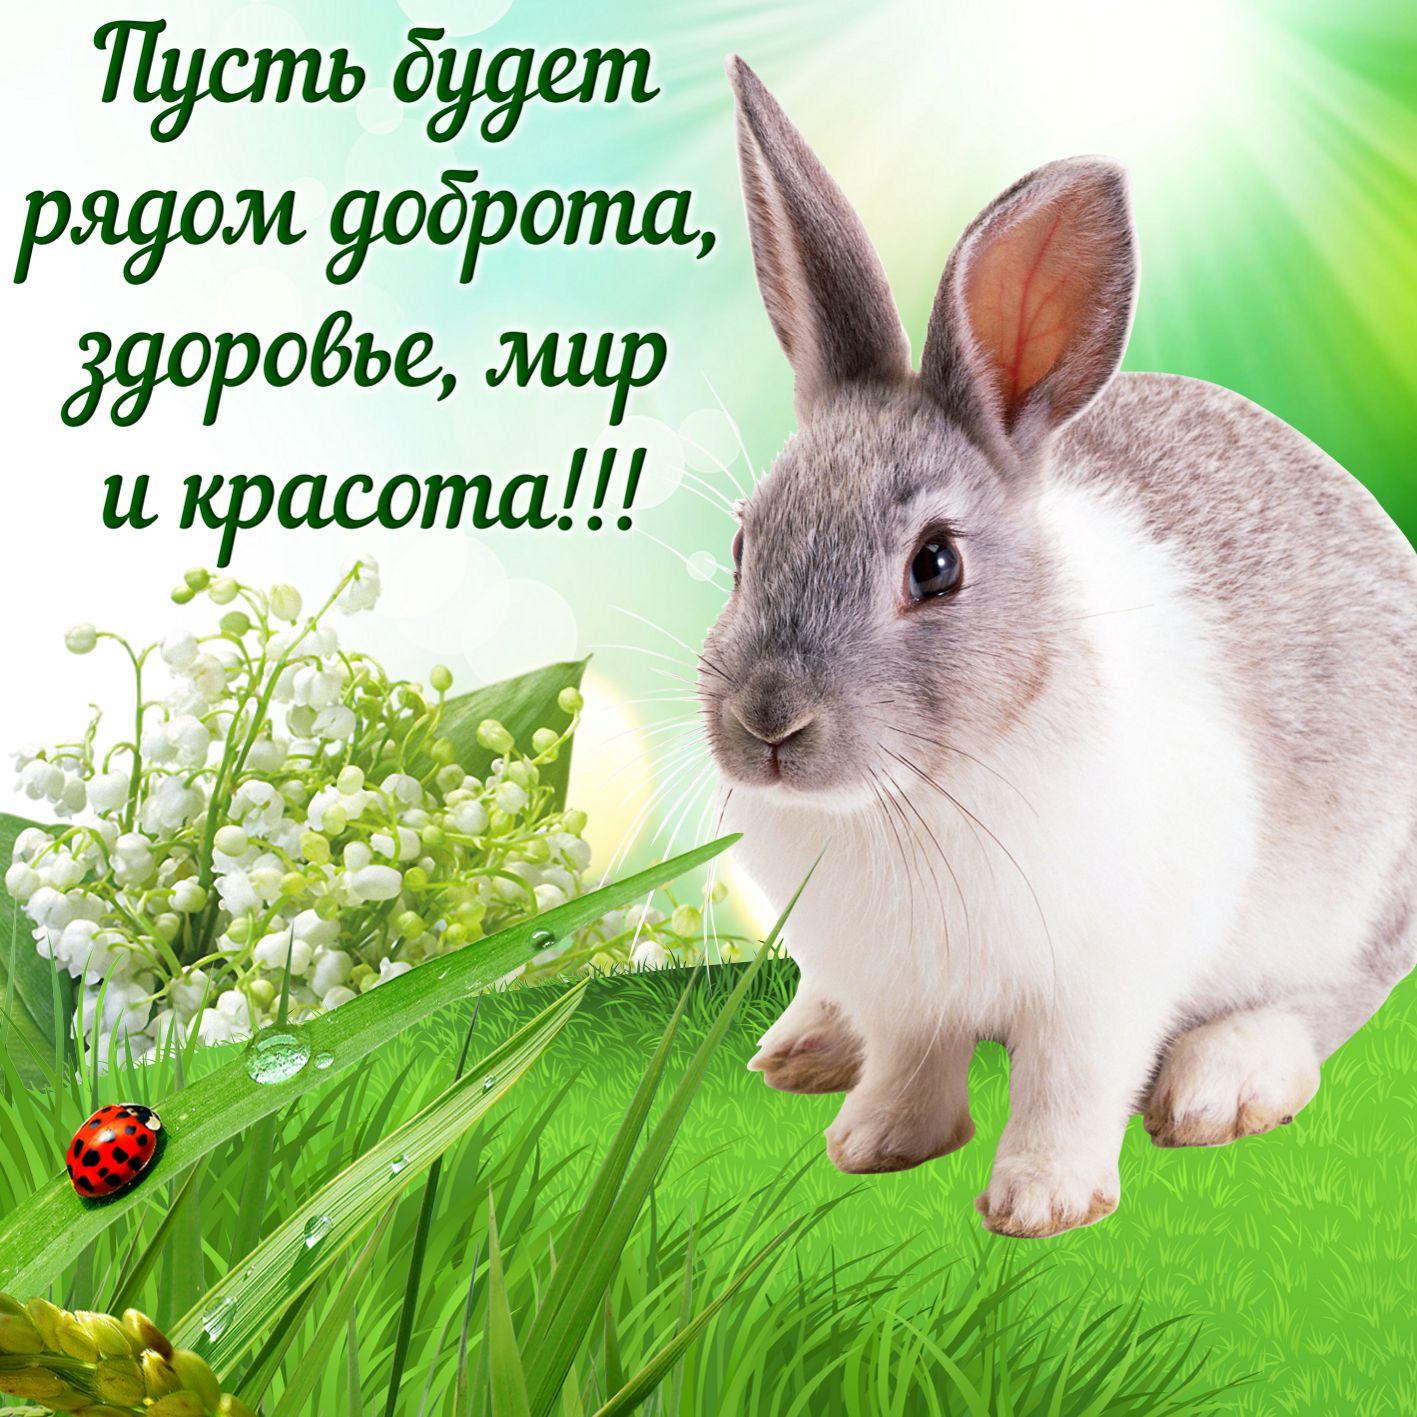 Открытка с милым кроликом на травке и пожелание